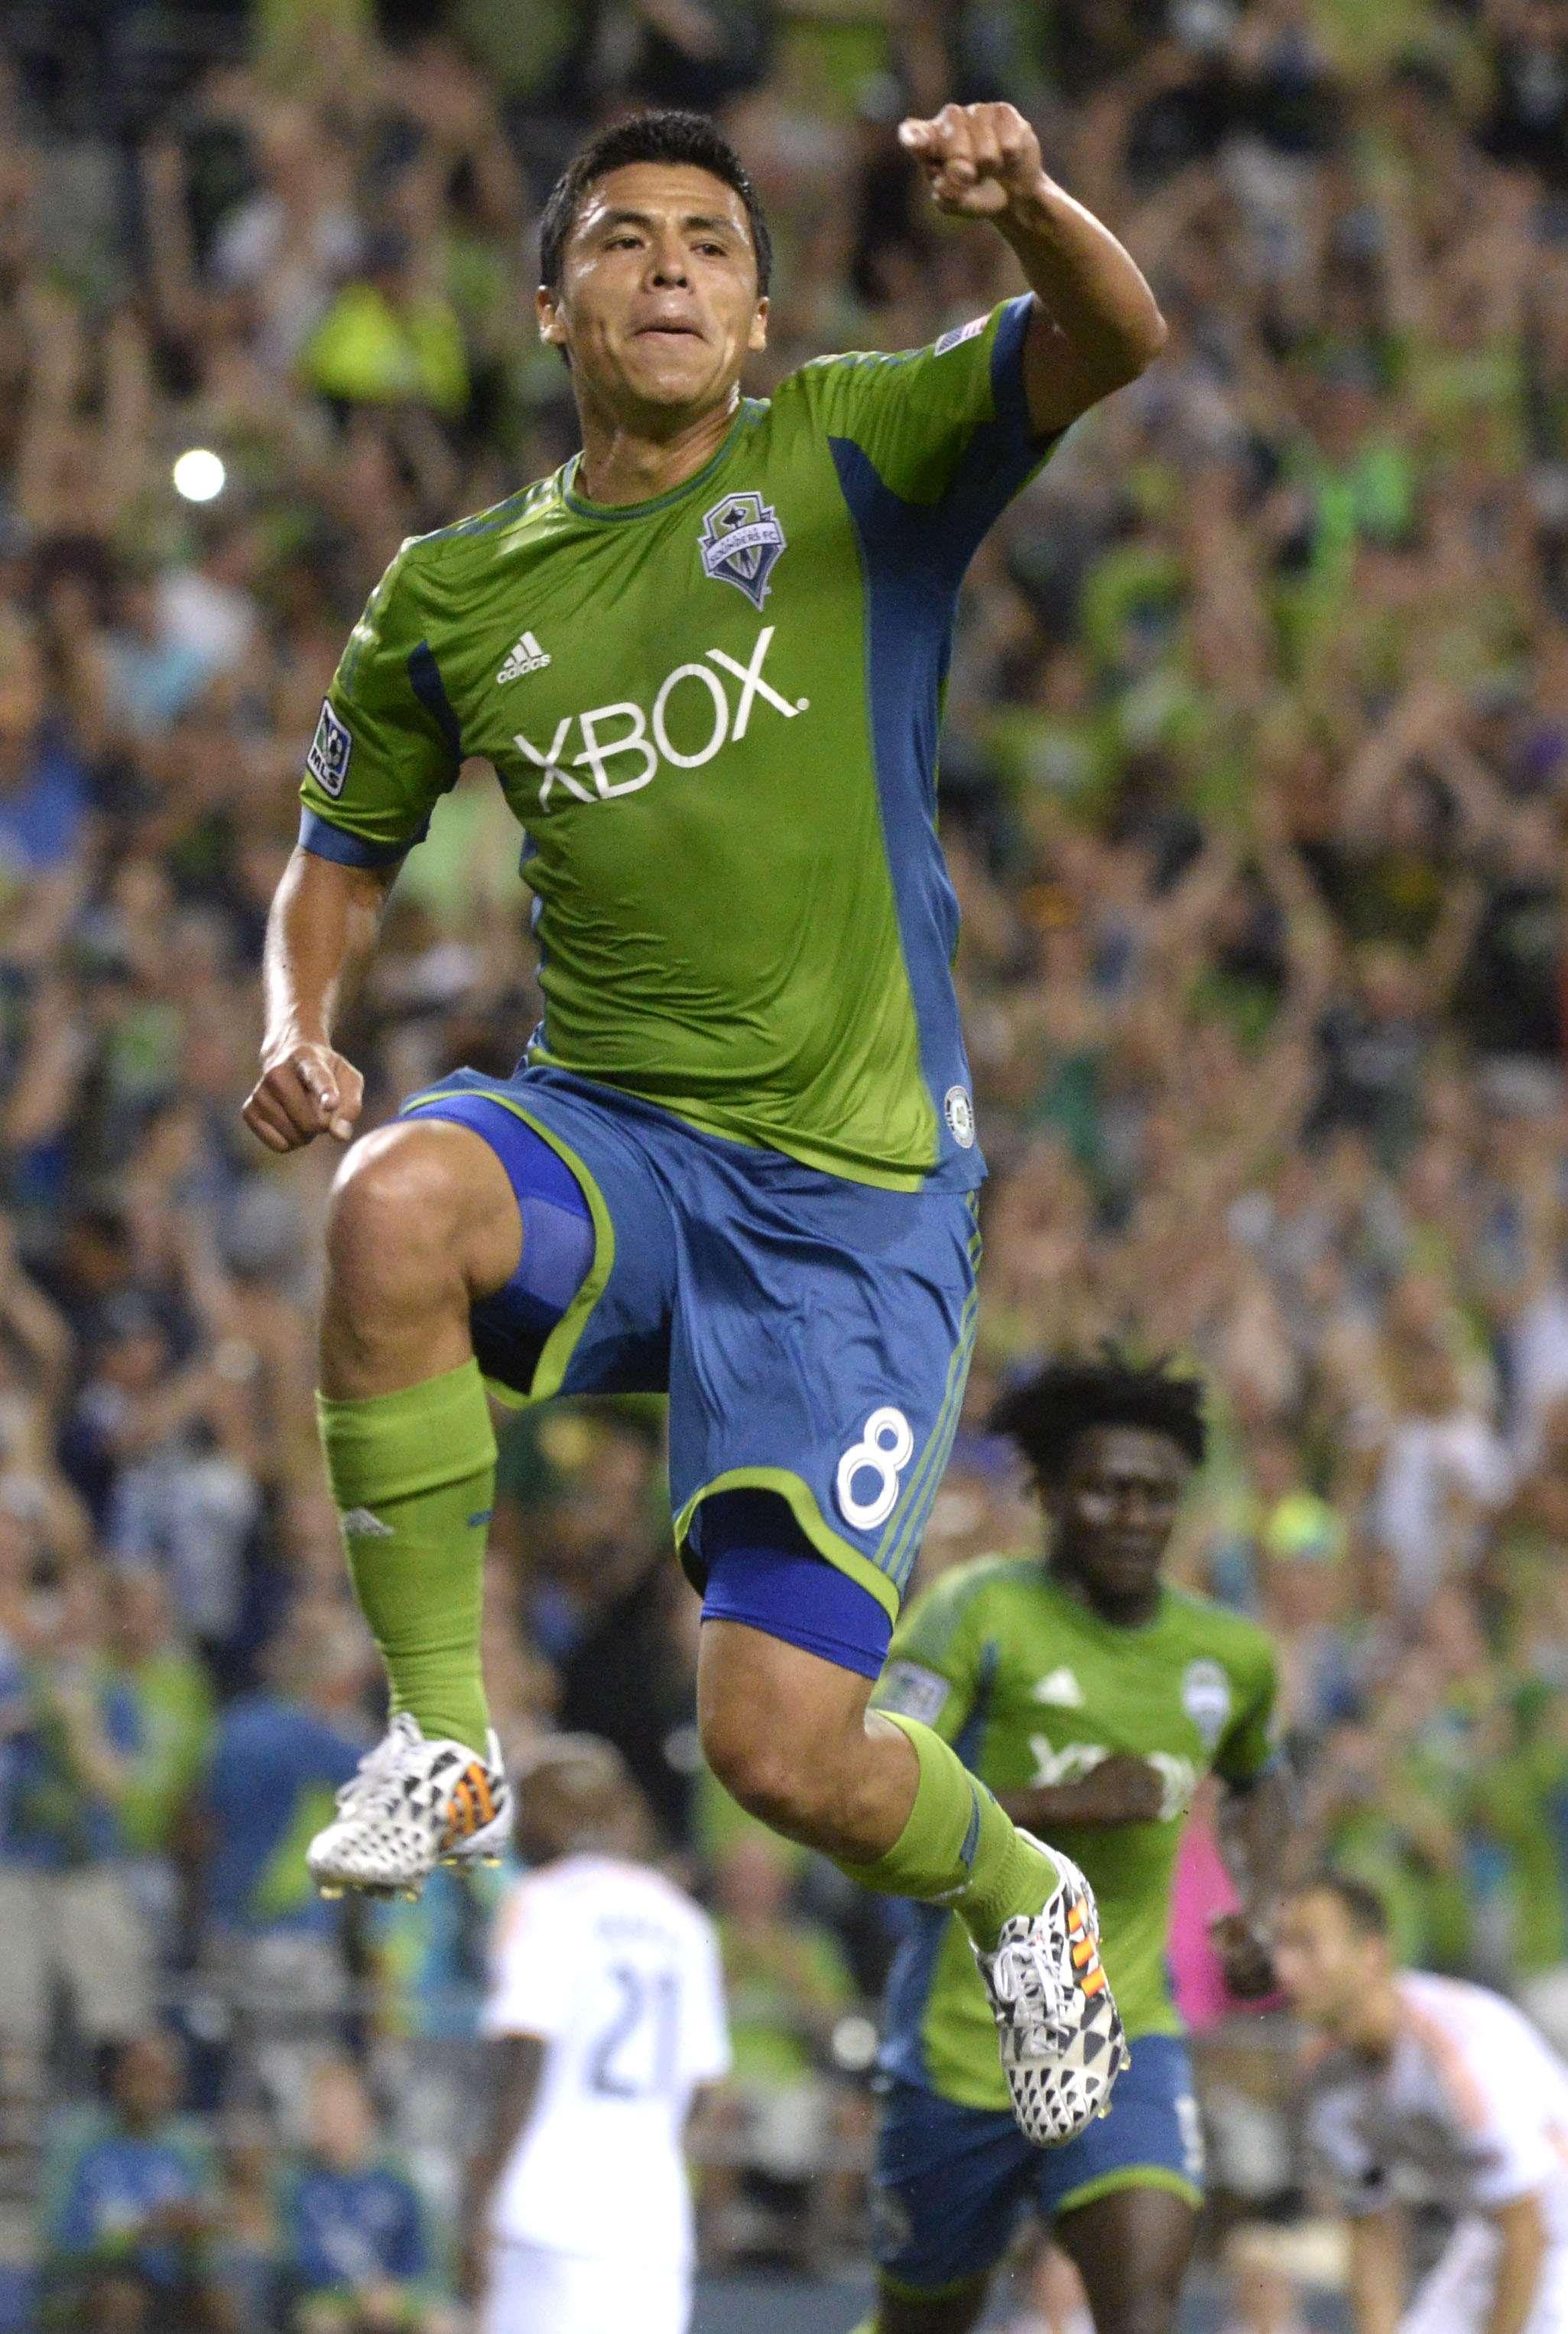 El mexicano Gonzalo Pineda anotó en penal en la victoria de 2-0 del Seattle Sounders sobre el Houston Dynamo. Foto: AP en español